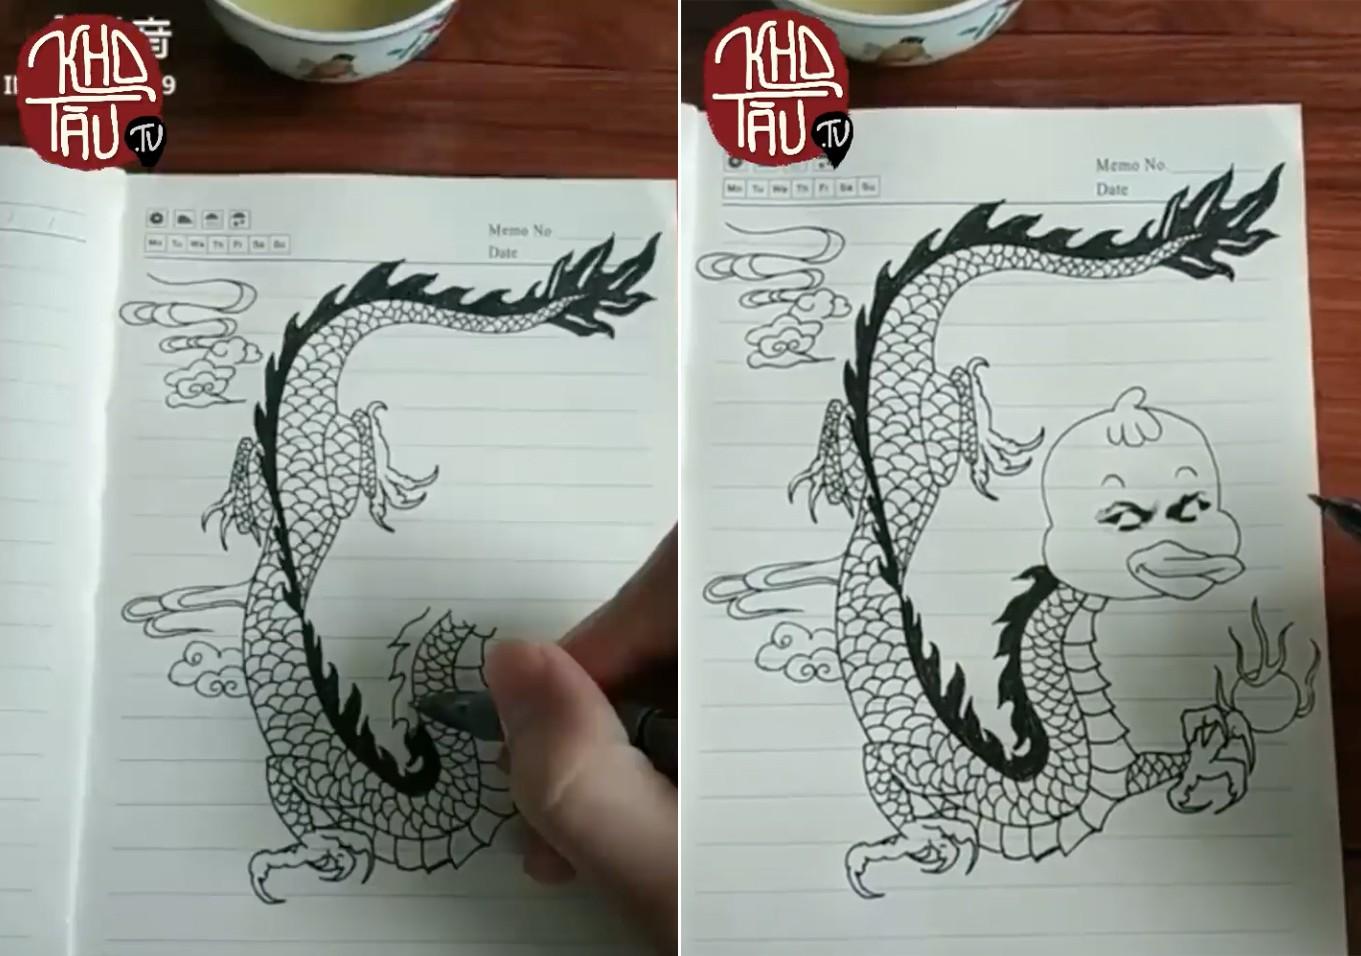 Tài năng có hạn nhưng vẫn thích thể hiện, anh trai vẽ rồng giúp em gái và cái kết cười ra nước mắt - Ảnh 3.